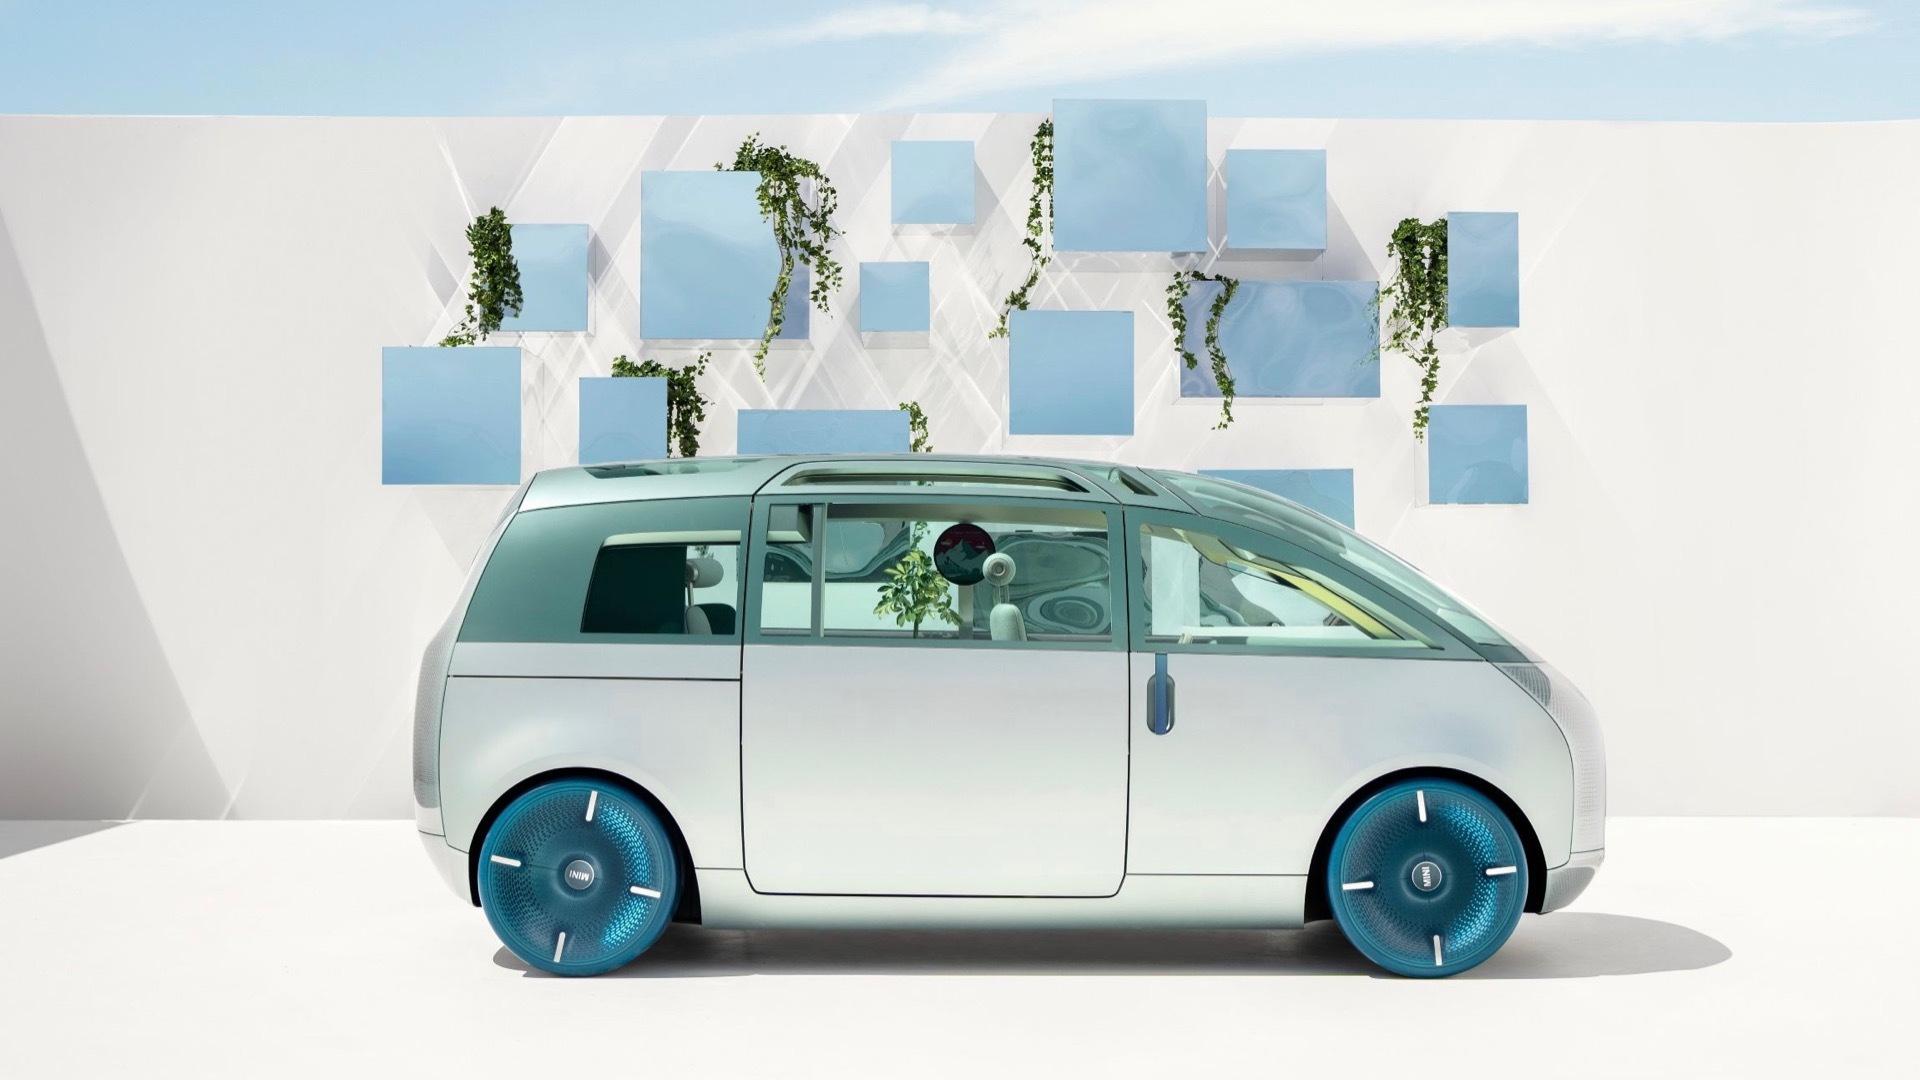 Mini Vision Urbanaut concept - June 2021